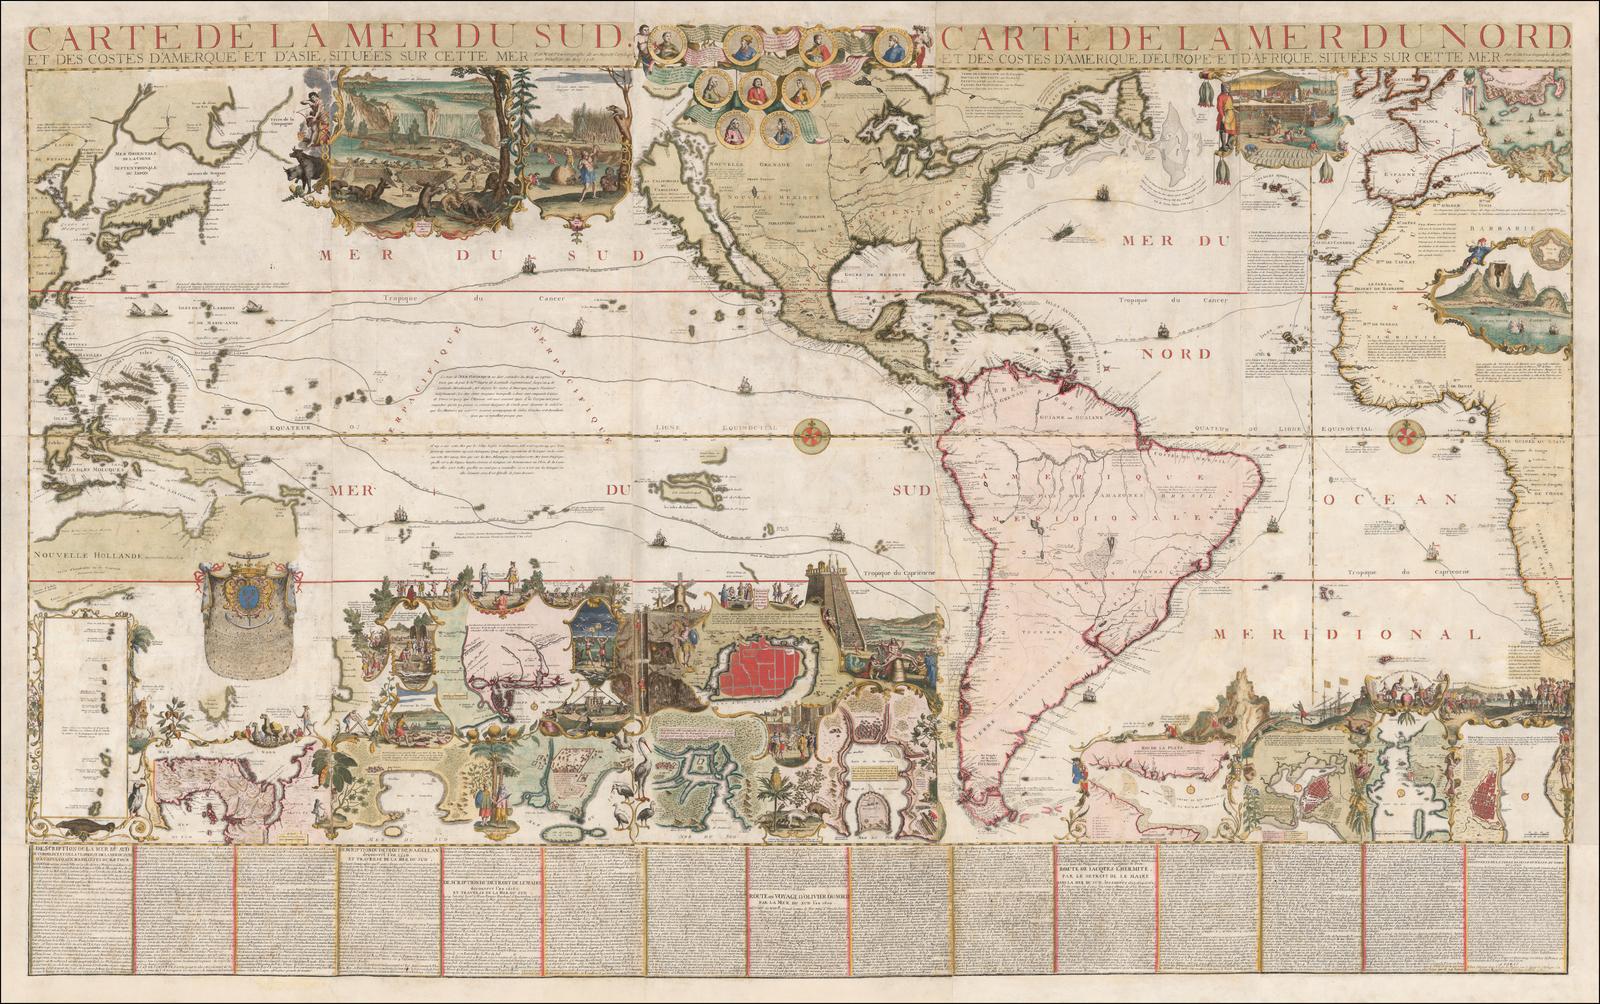 Carte Asie Mer.Carte De La Mer Du Sud Et Des Costes D Amerque Et D Asie